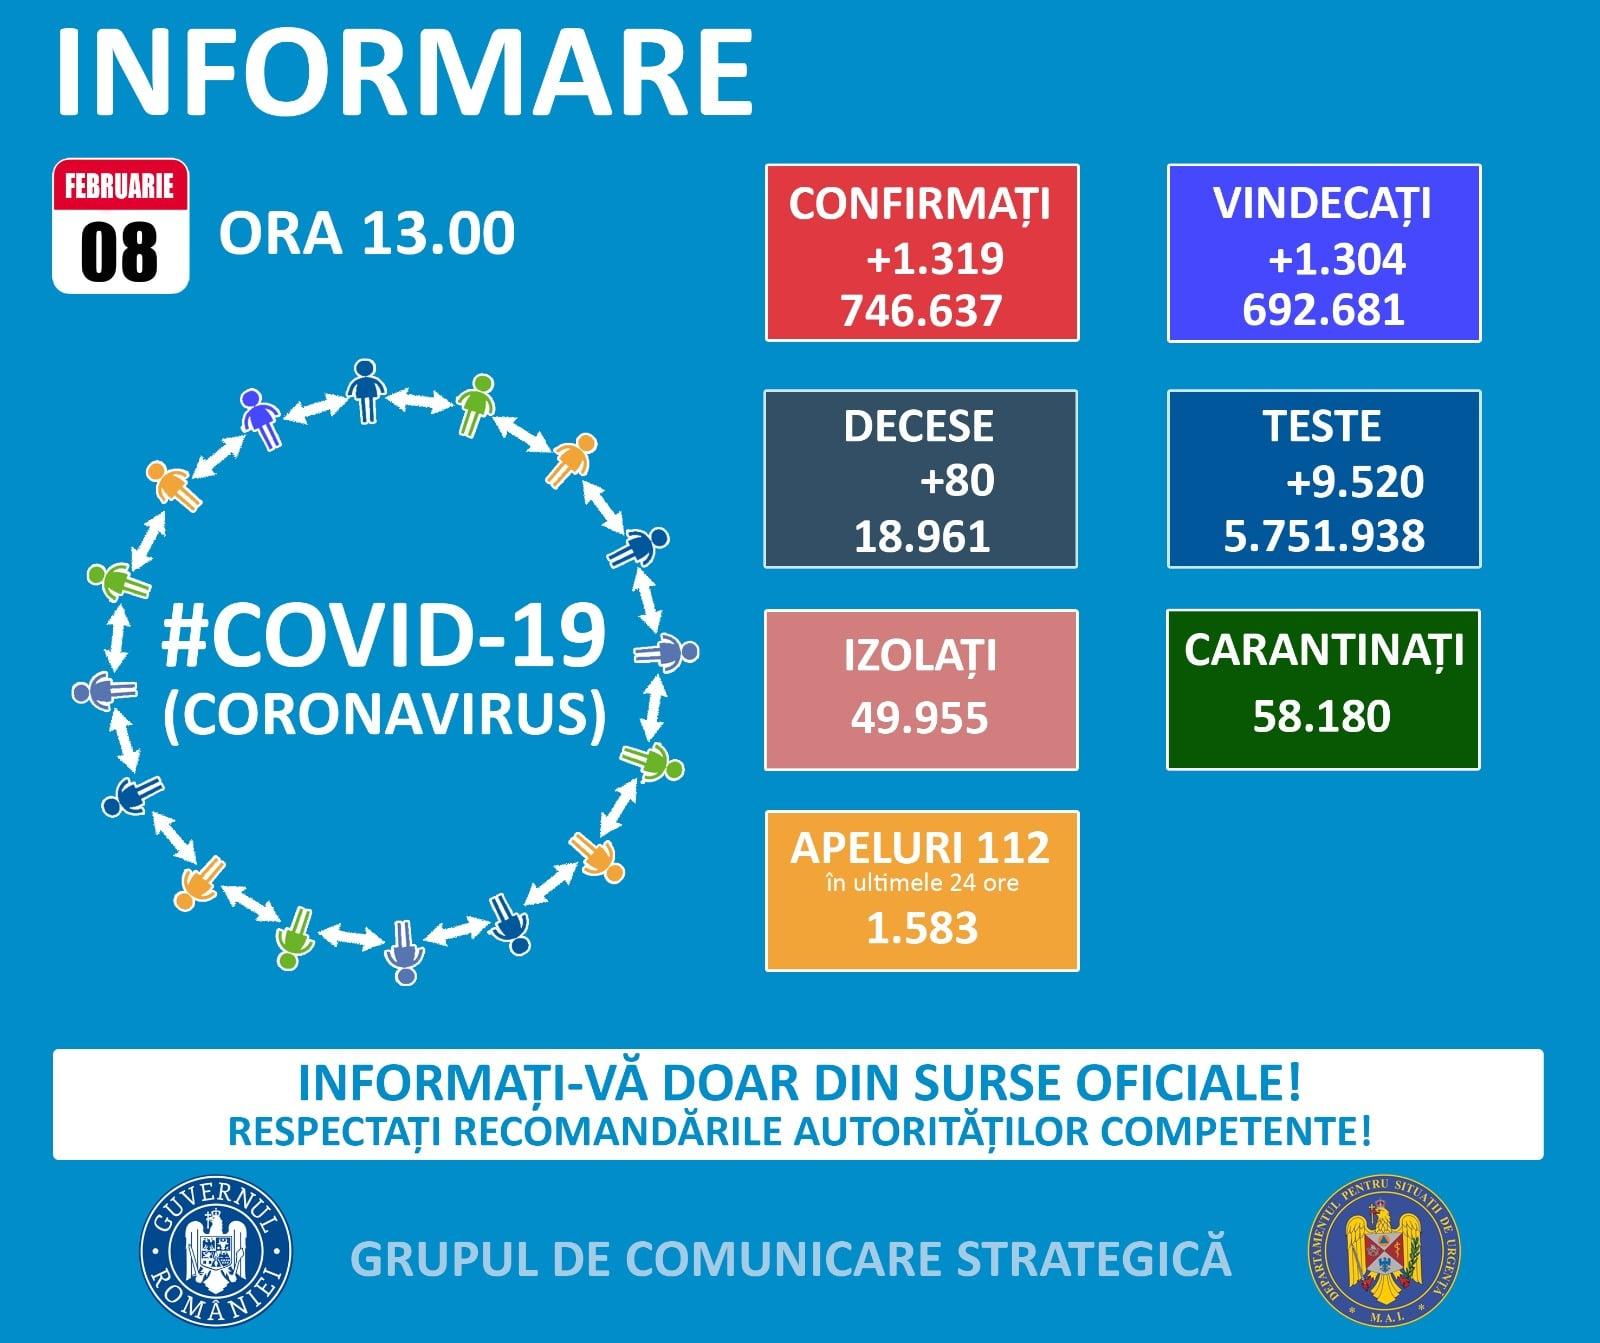 746.637 de cazuri de coronavirus pe teritoriul României. 18.961 persoane au decedat